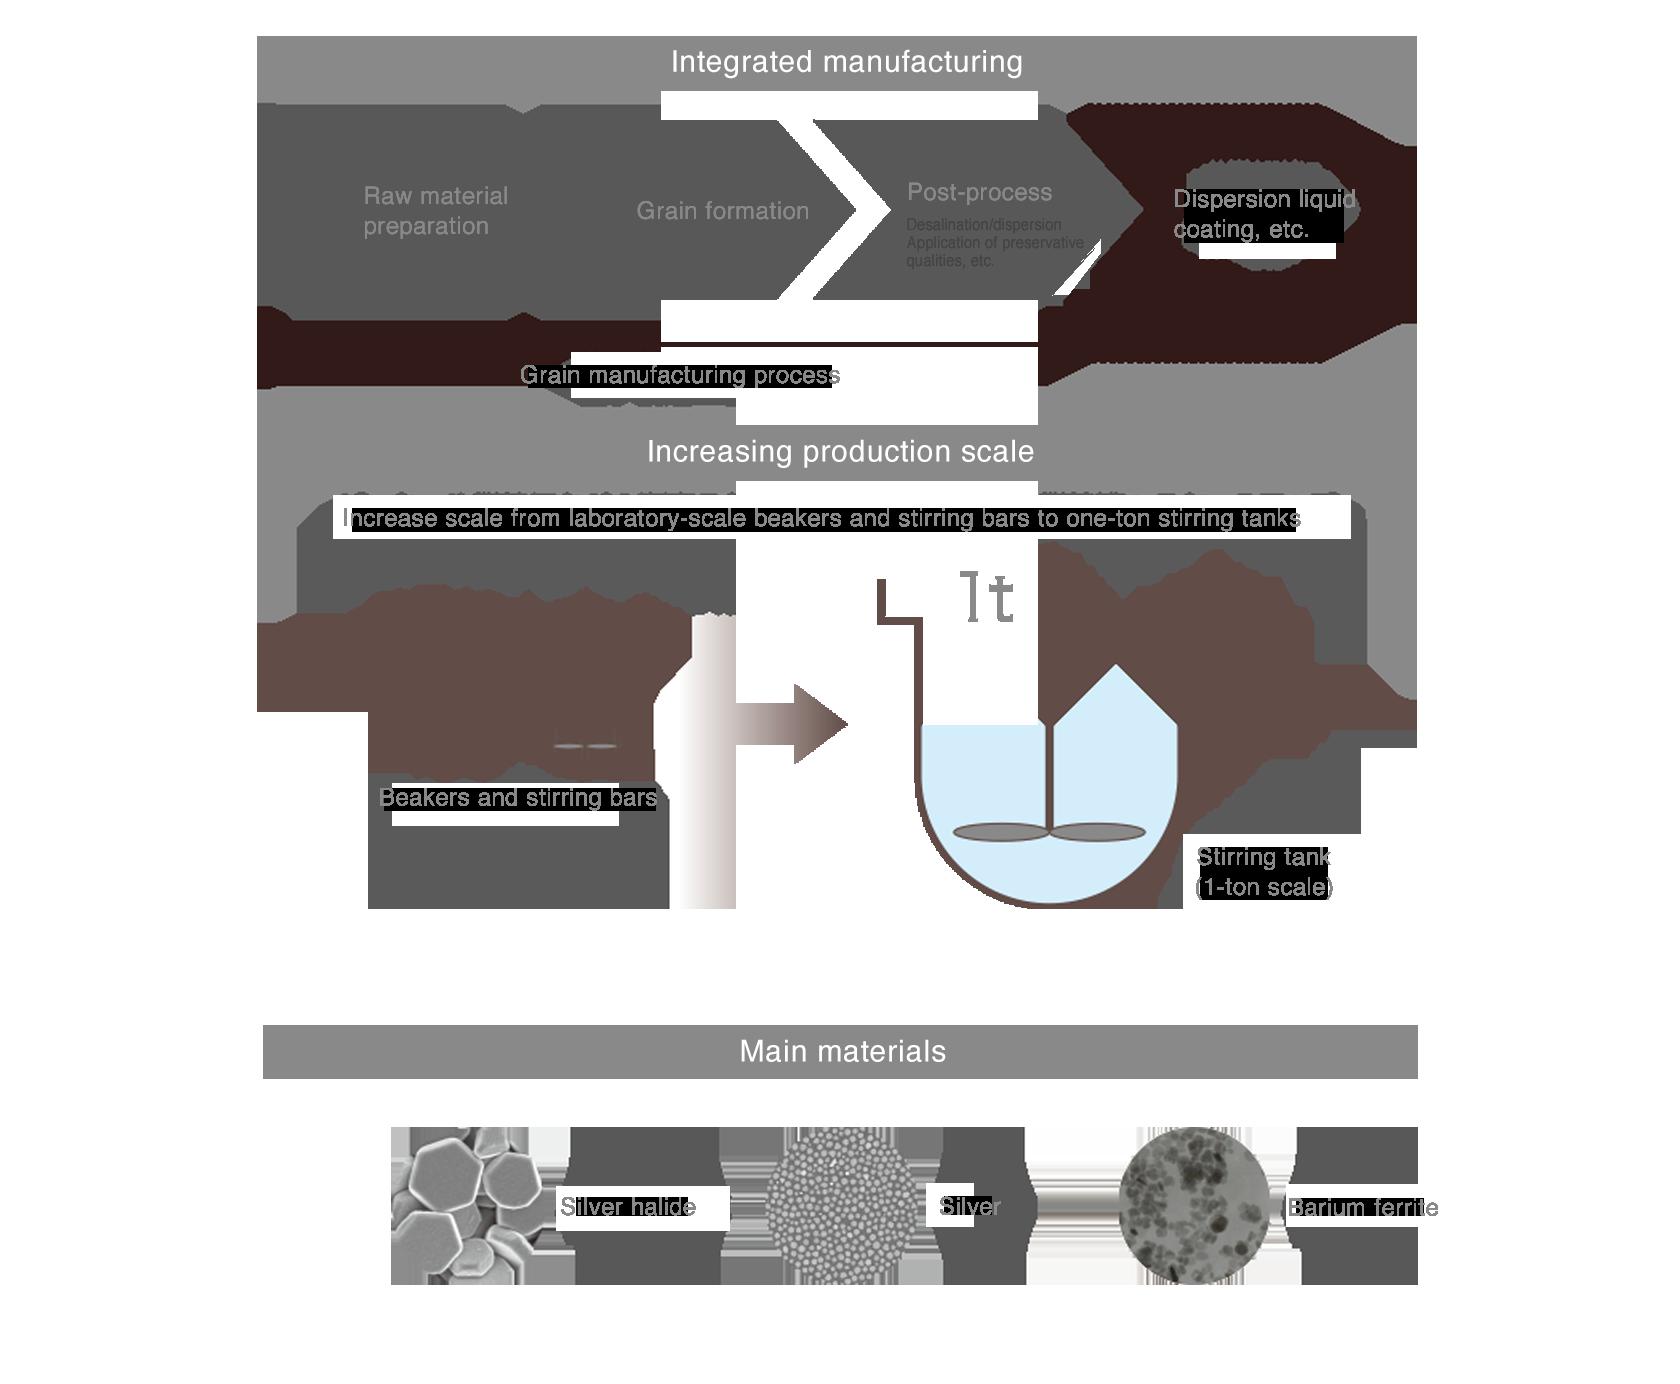 [image] EngineeringTechnology